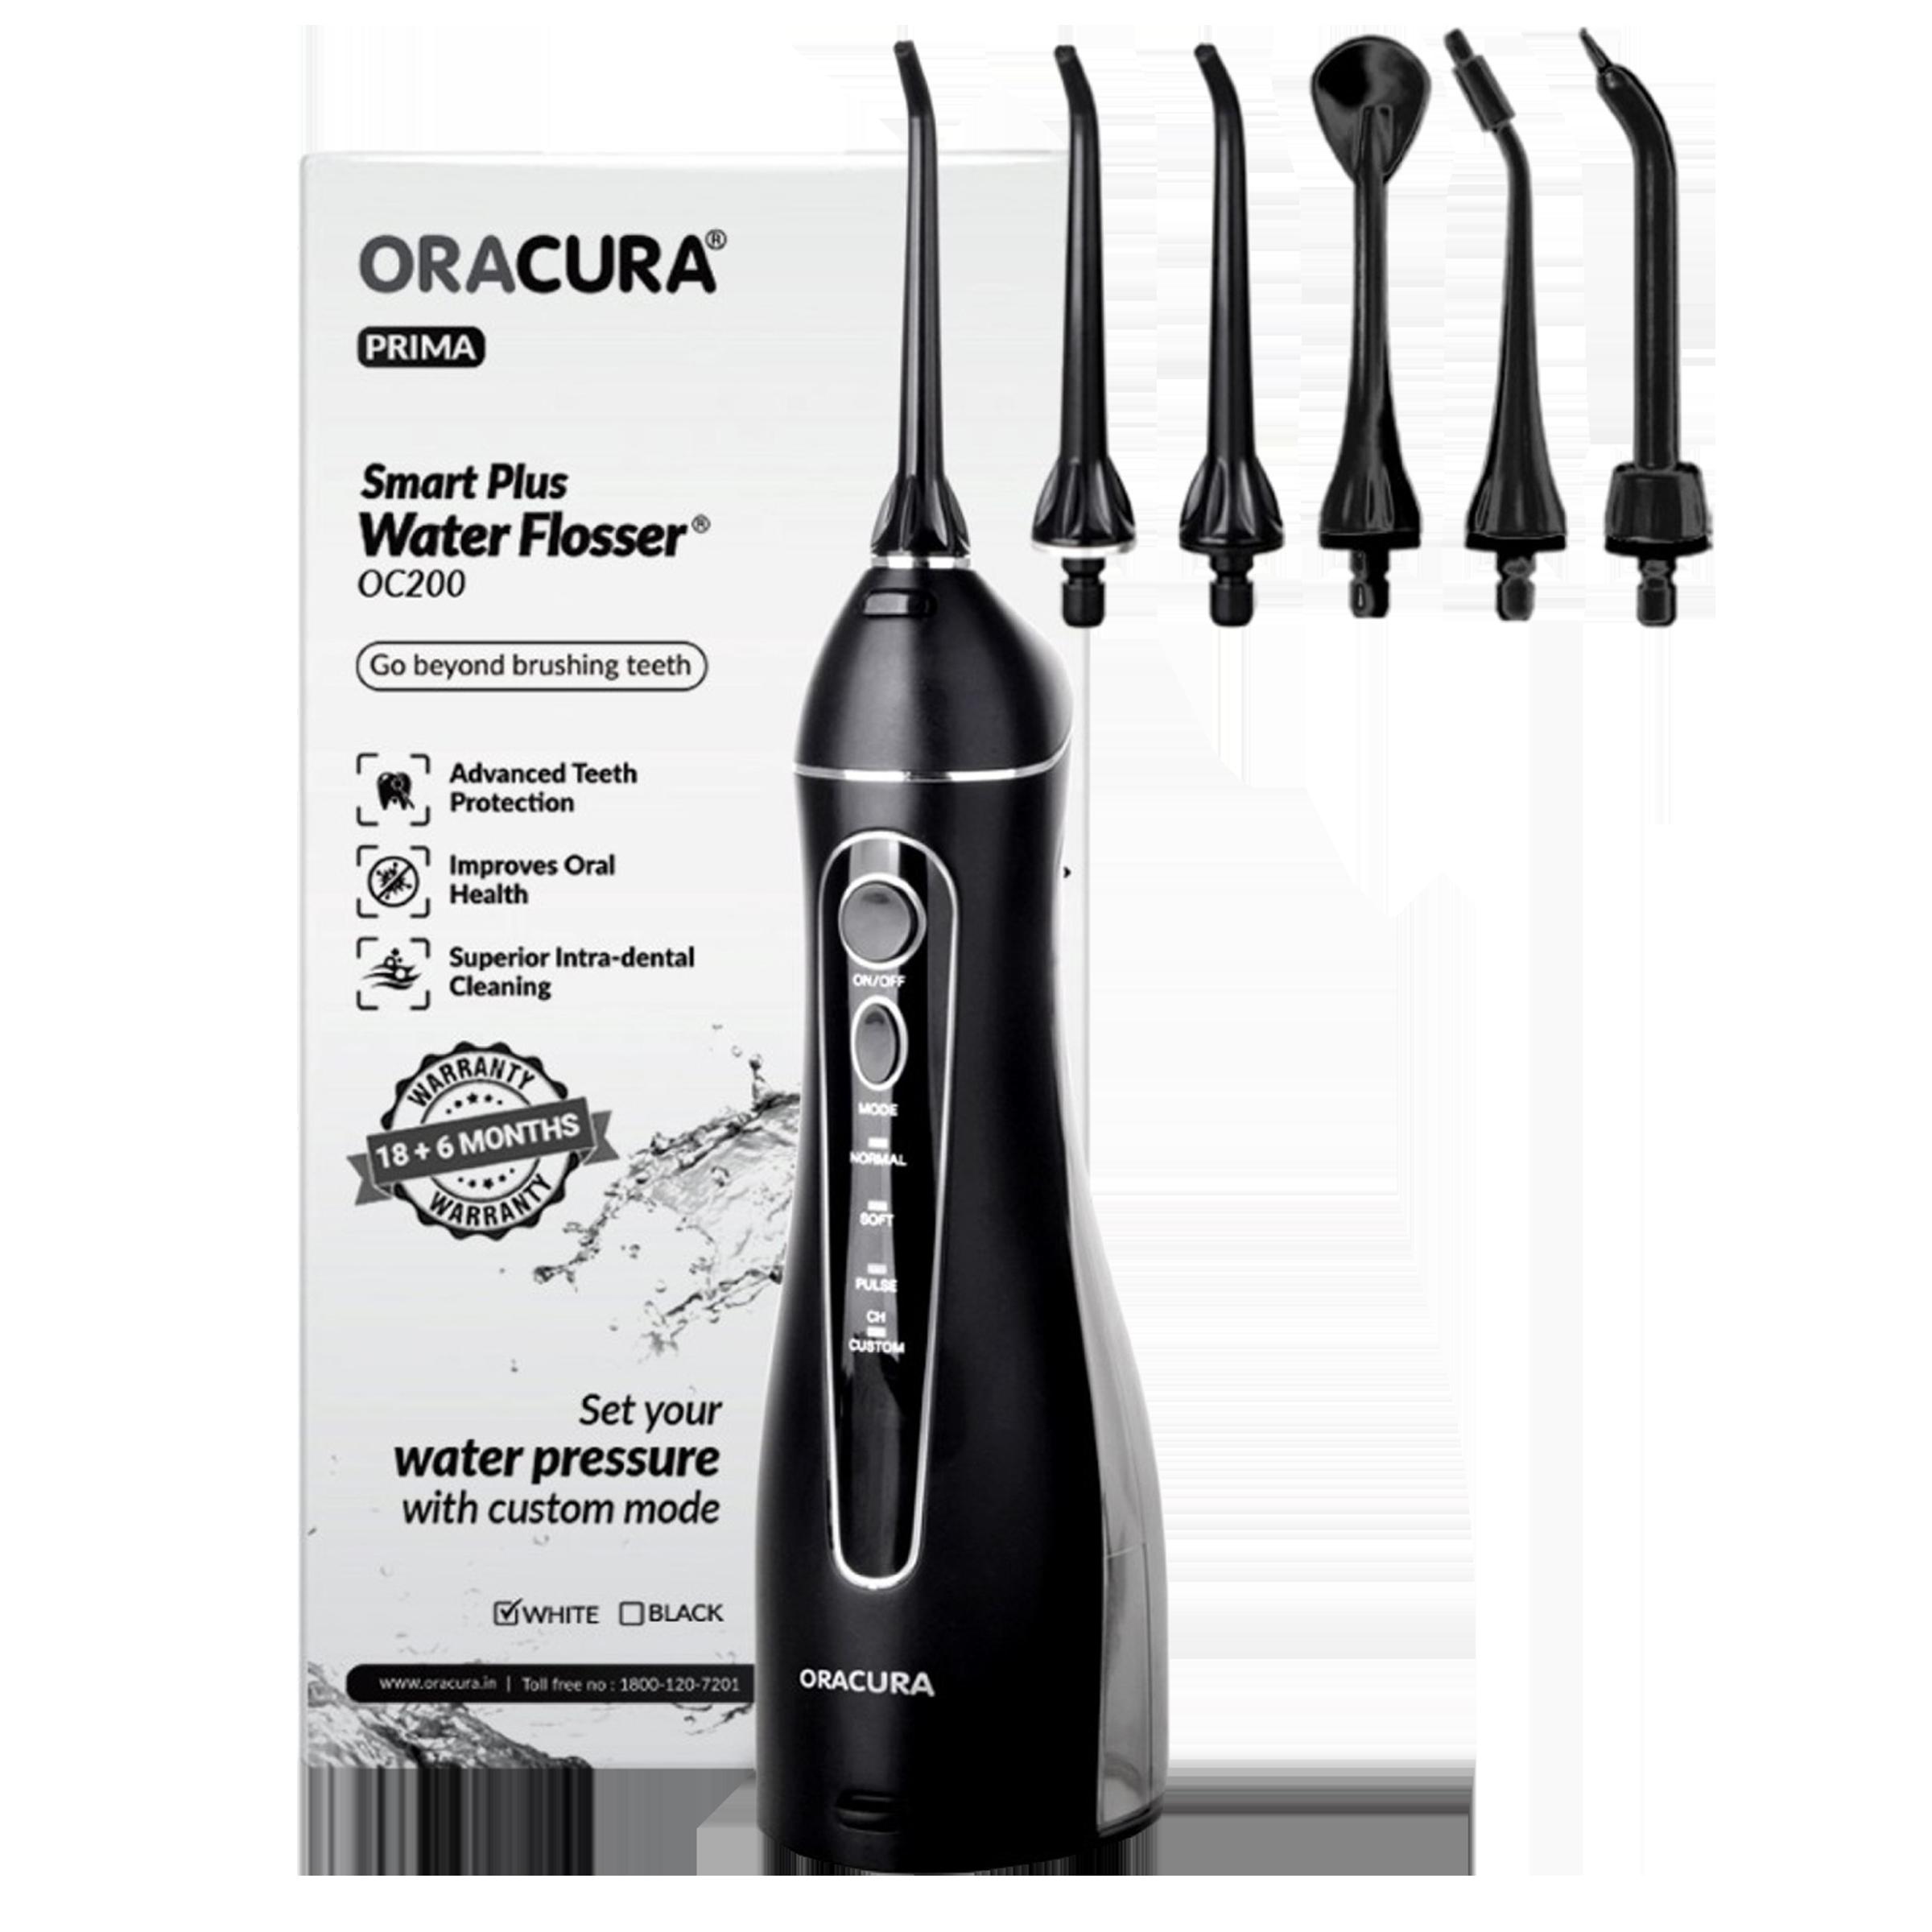 Oracura Smart Plus Dental Floss for Unisex (4 Custom Modes, OC200B, Black)_1